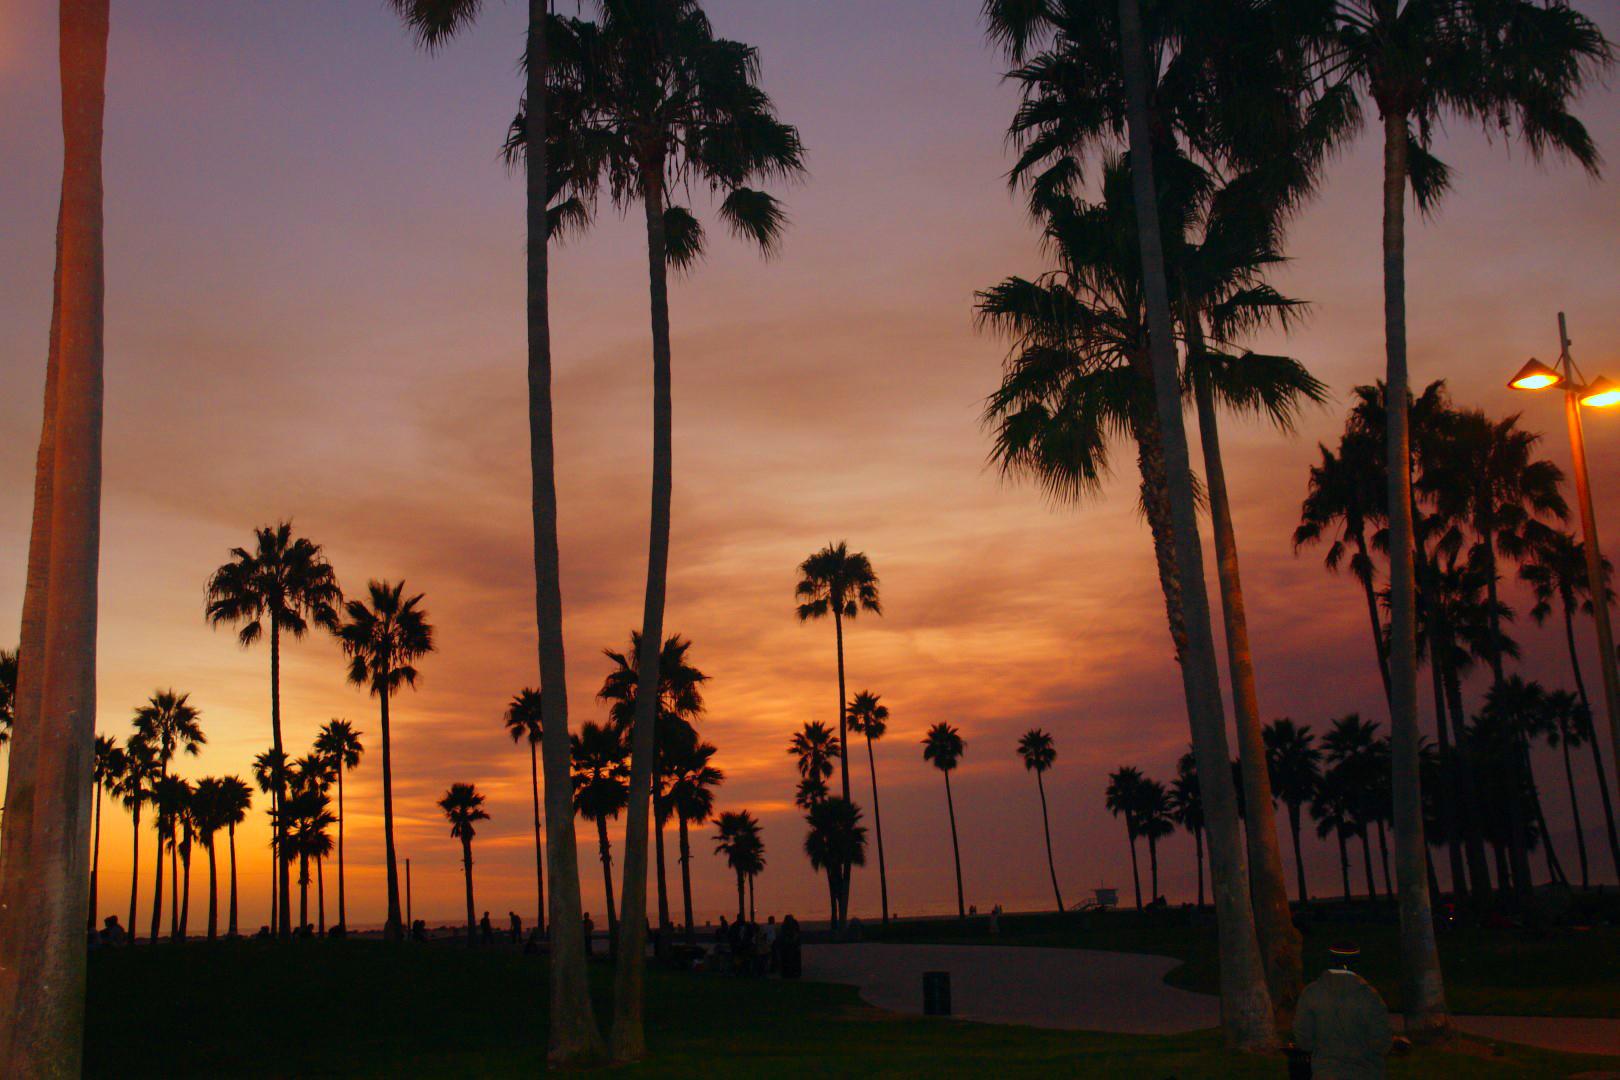 Qué hacer y ver en Los Ángeles los angeles - 31975899203 dfe853c696 o - Qué hacer y ver en Los Angeles